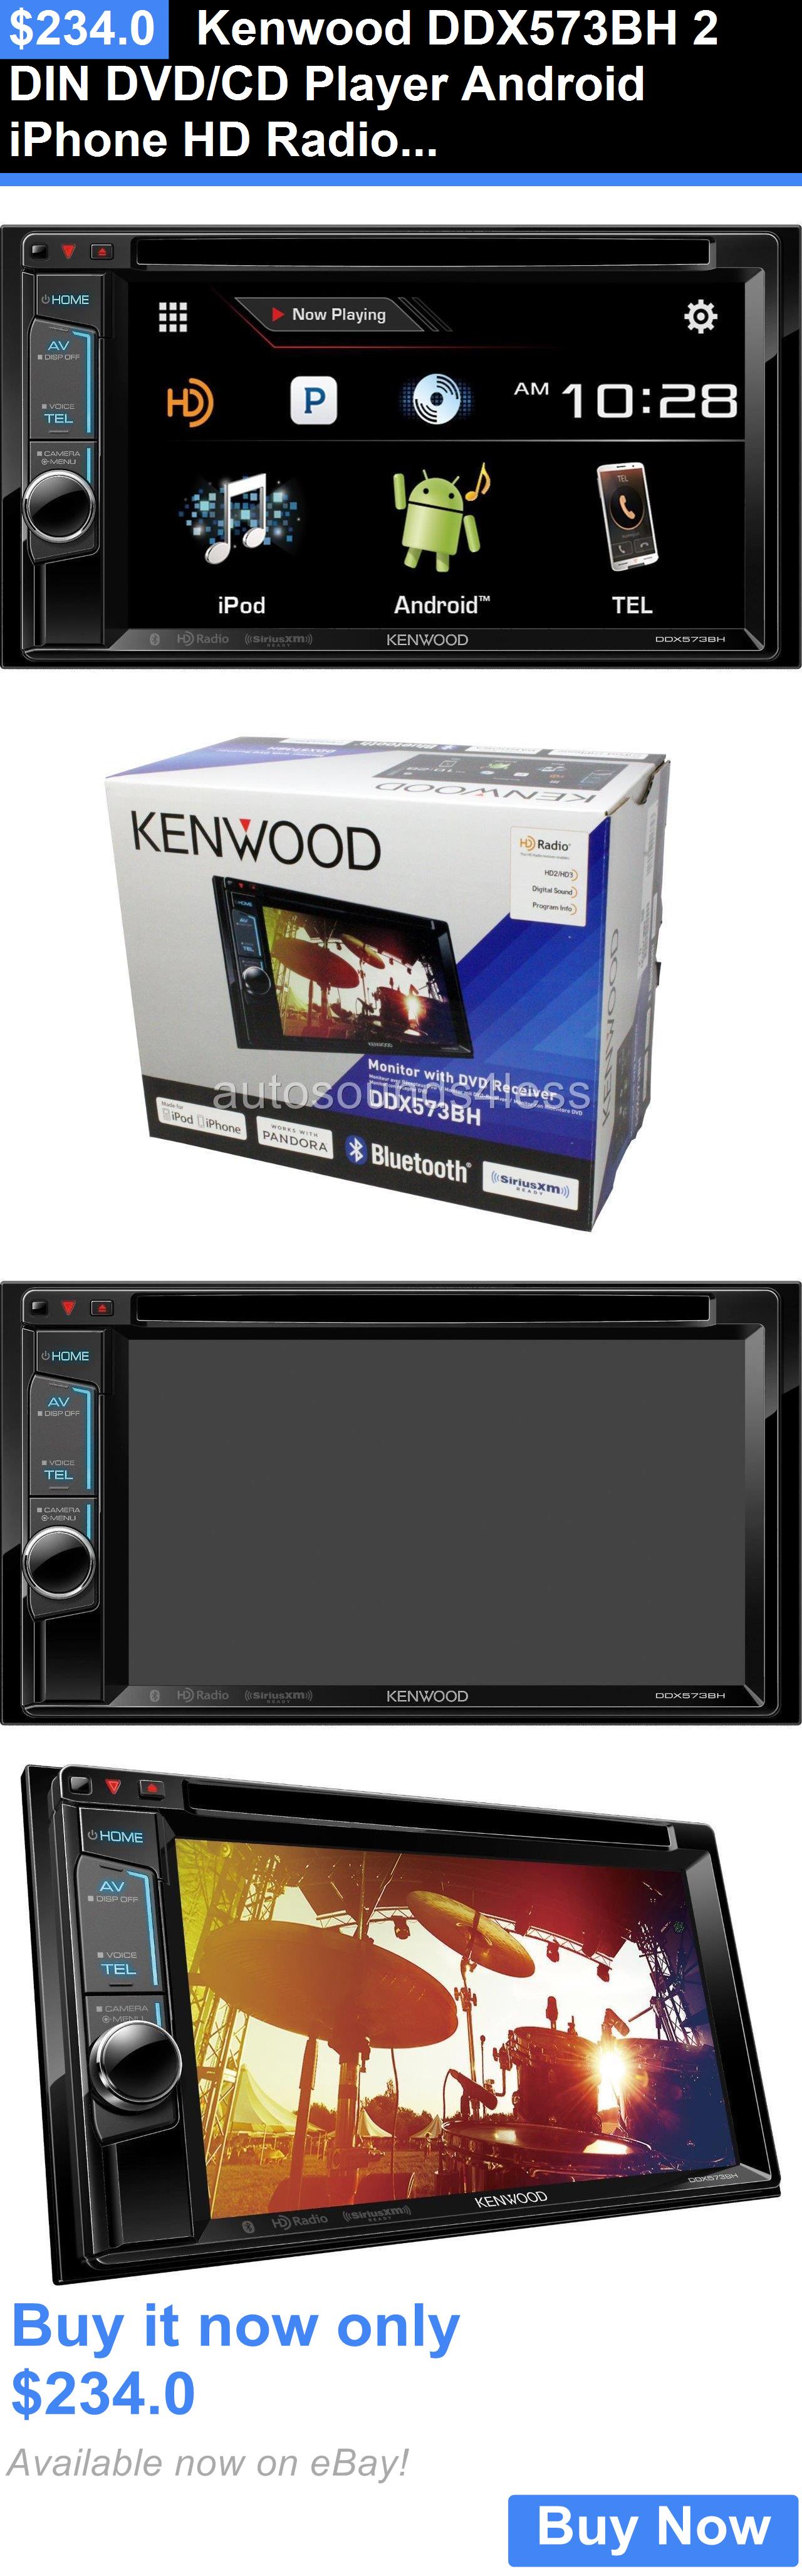 video in dash units w o gps kenwood ddxbh din dvd cd player video in dash units w o gps kenwood ddx573bh 2 din dvd cd player